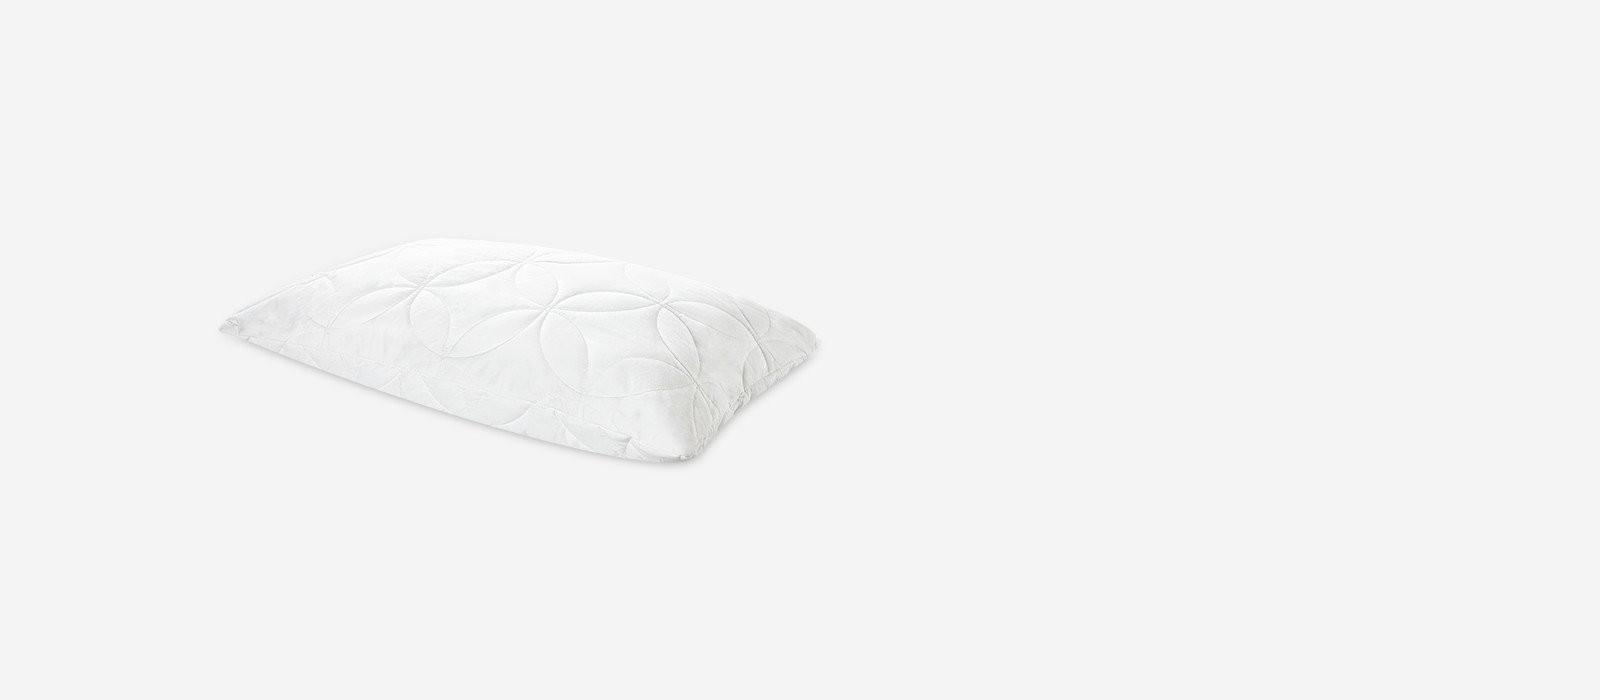 TEMPUR-Cloud Soft and Lofty Pillow by Tempur-Pedic TempurPillows